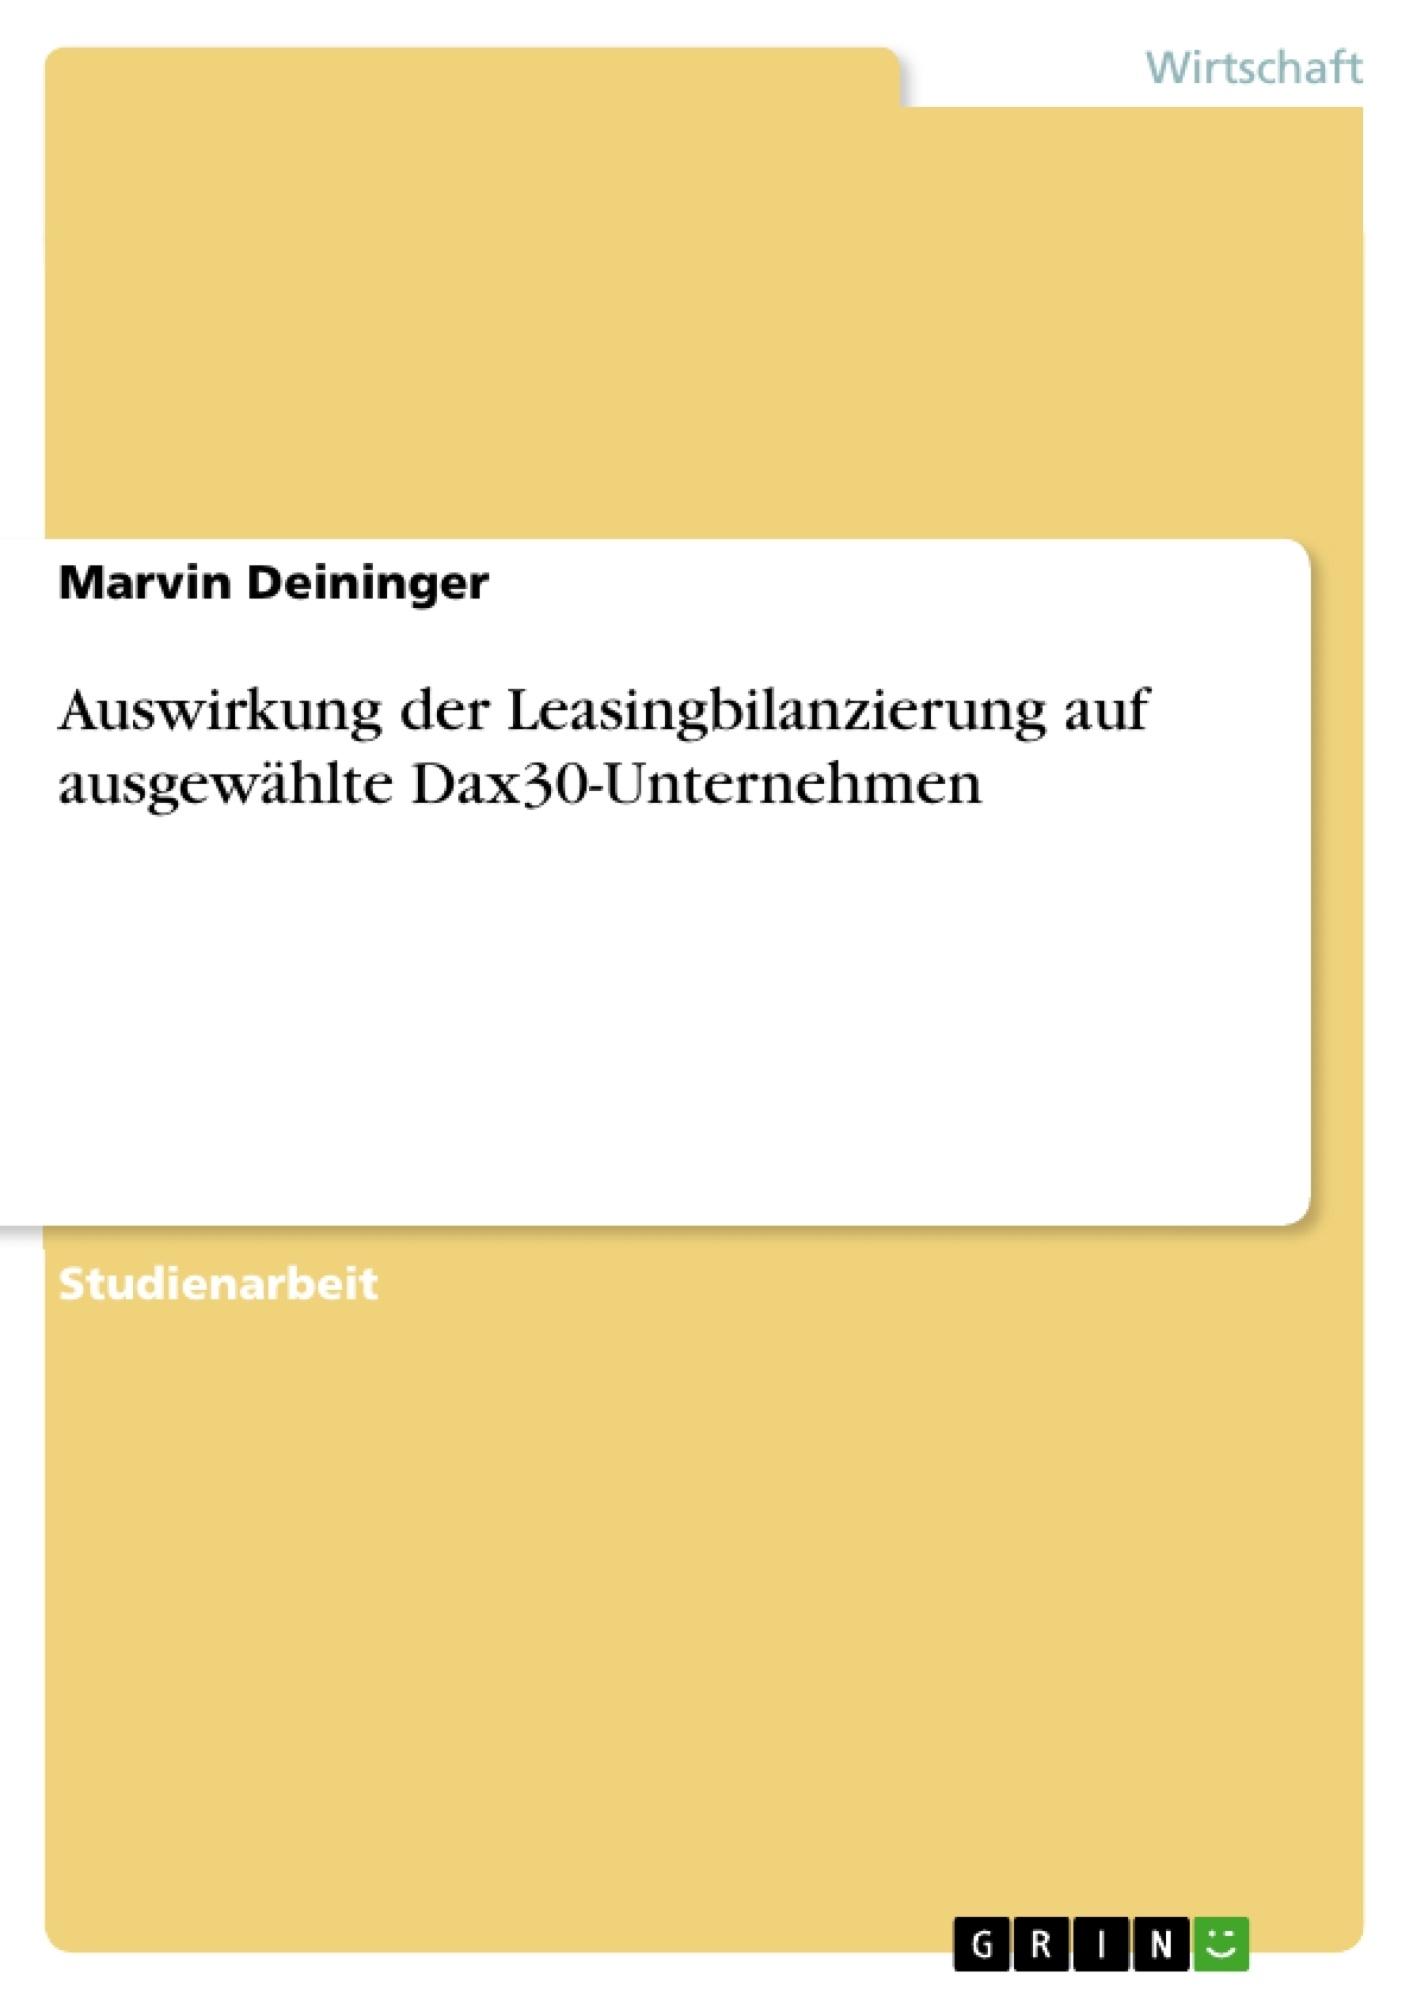 Titel: Auswirkung der Leasingbilanzierung auf ausgewählte Dax30-Unternehmen